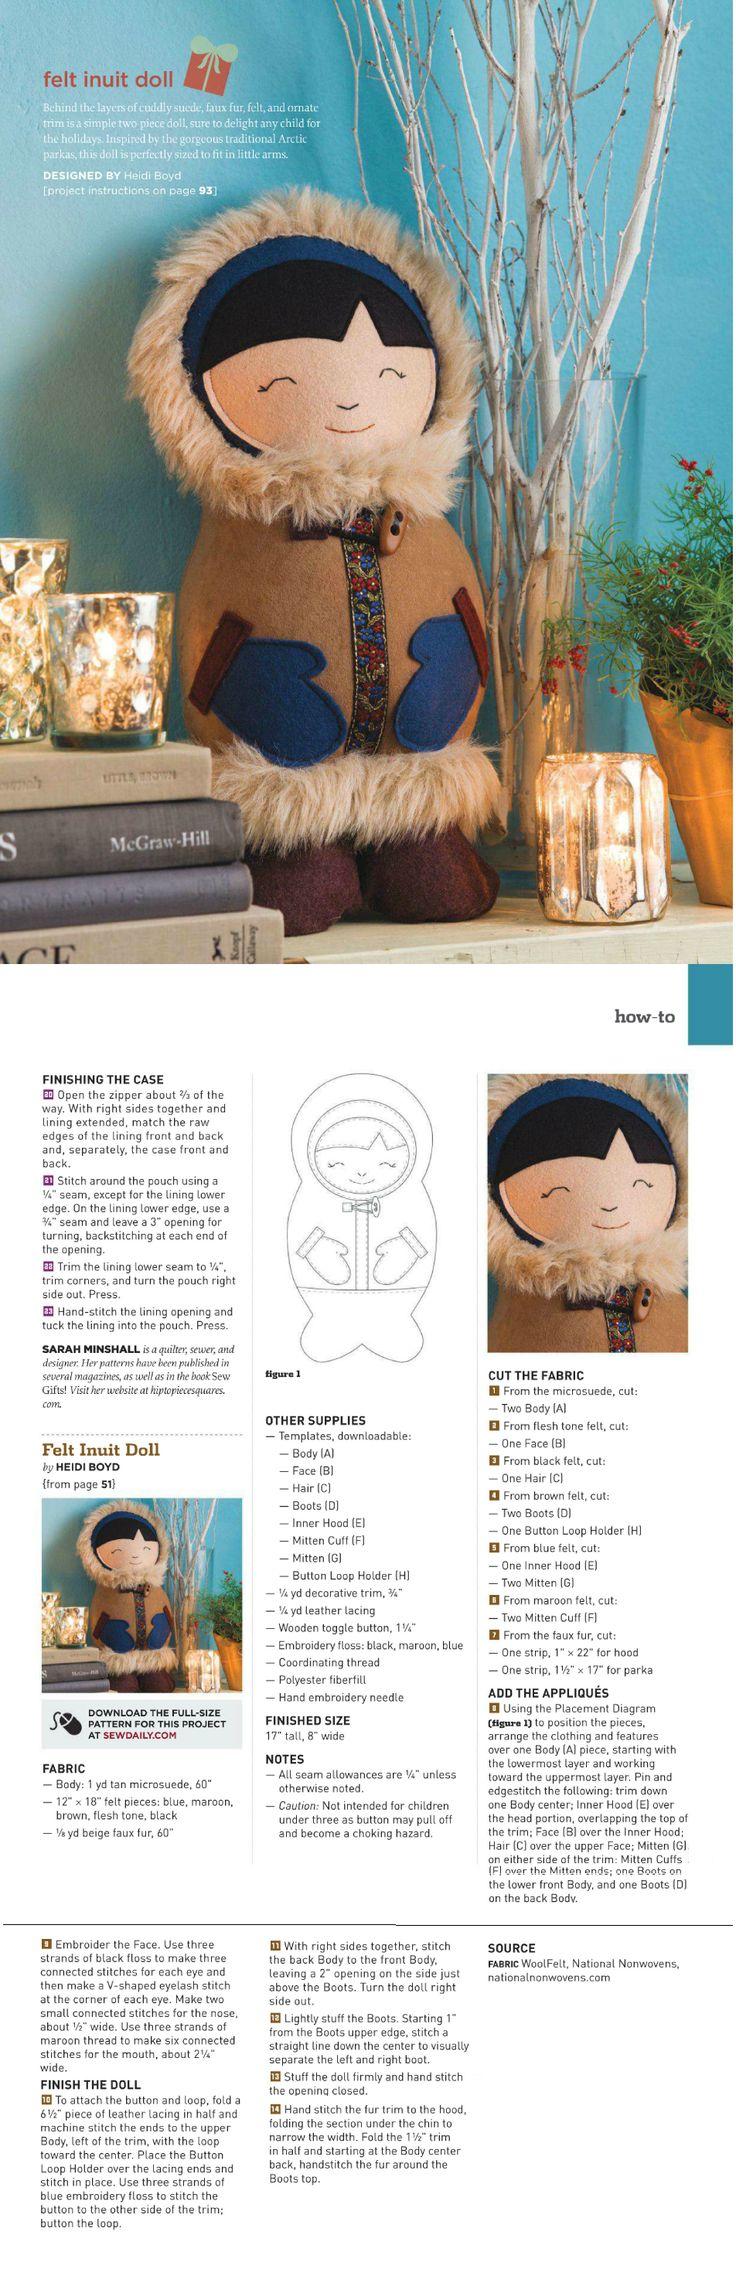 Felt Inuit Doll